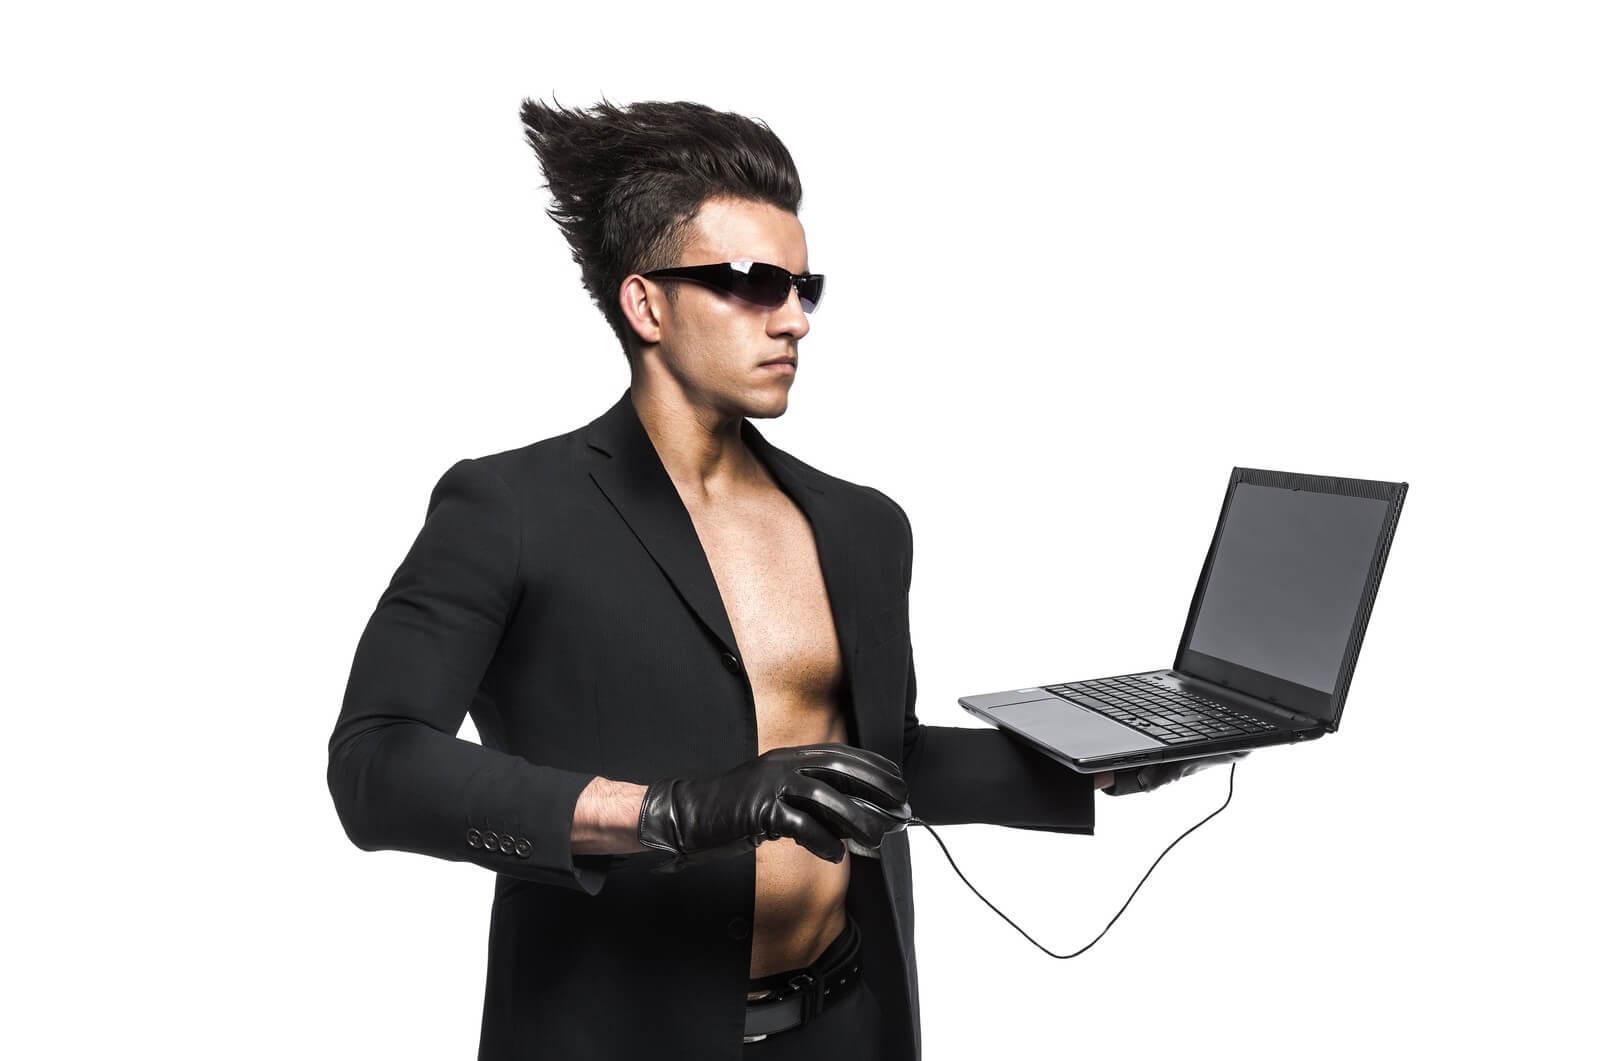 プラグイン・PC・パソコン・マウス・SEO・PV